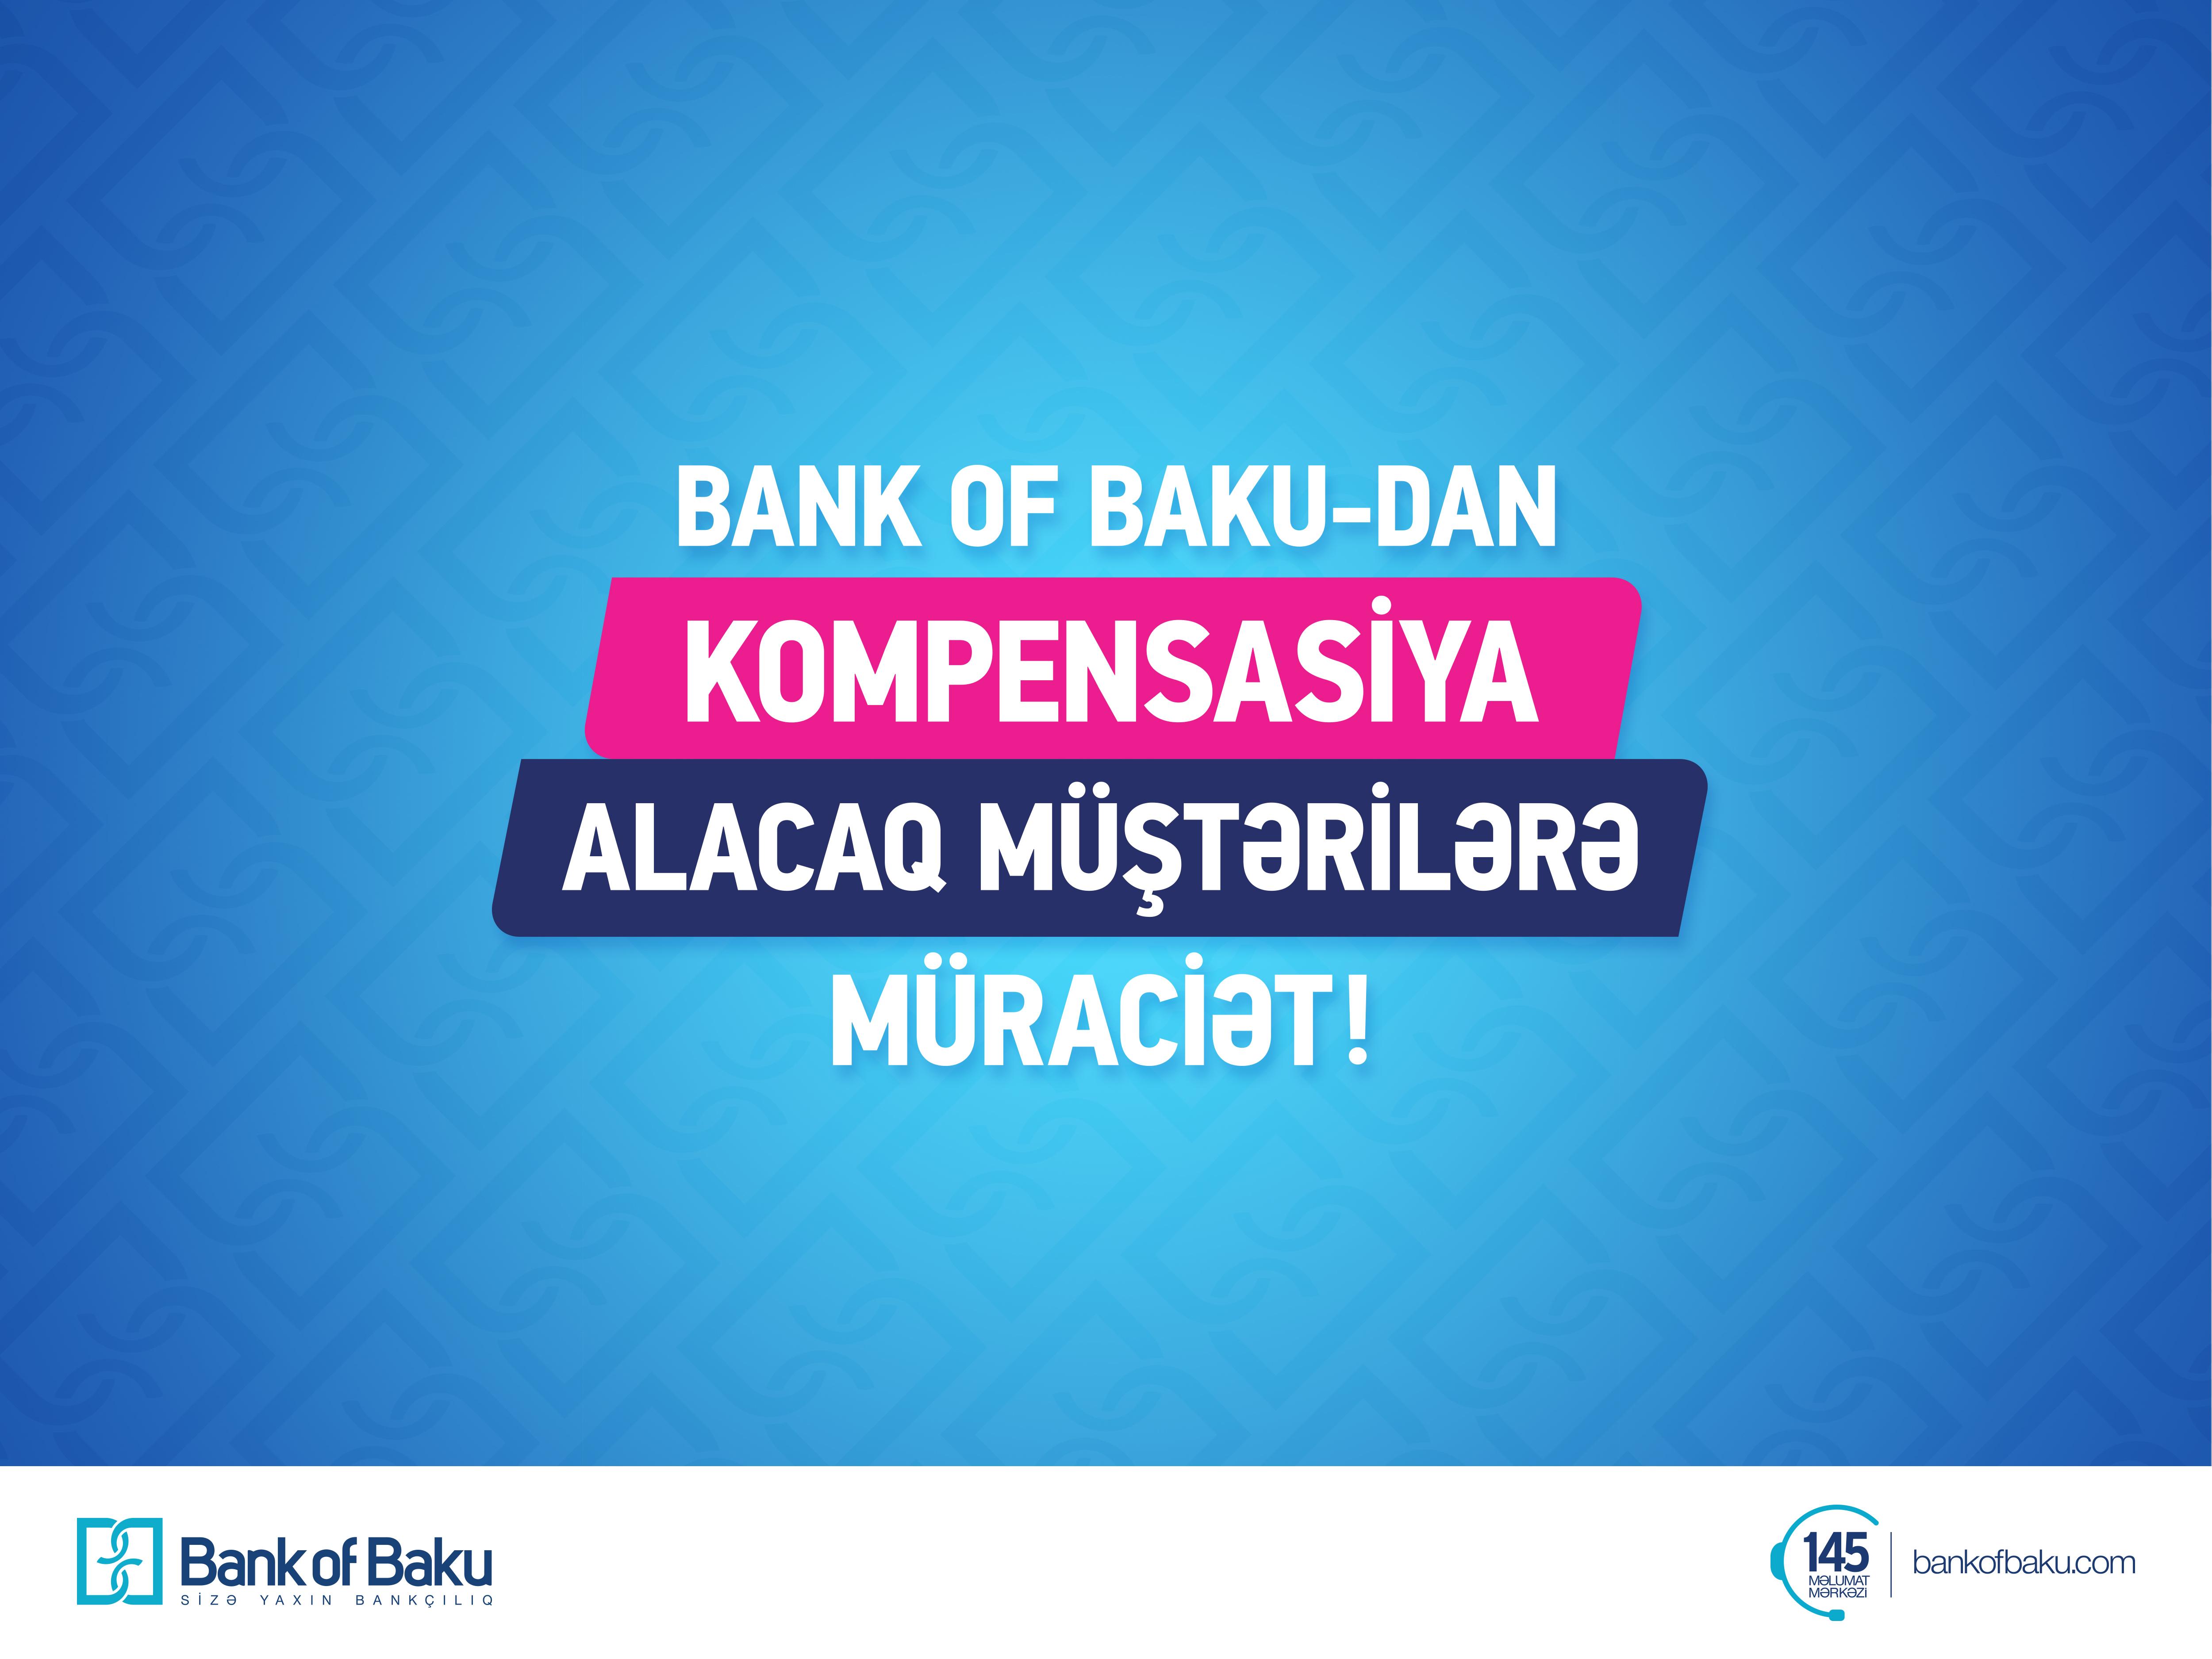 Bank of Baku-dan kompensasiya alacaq müştərilərin diqqətinə!